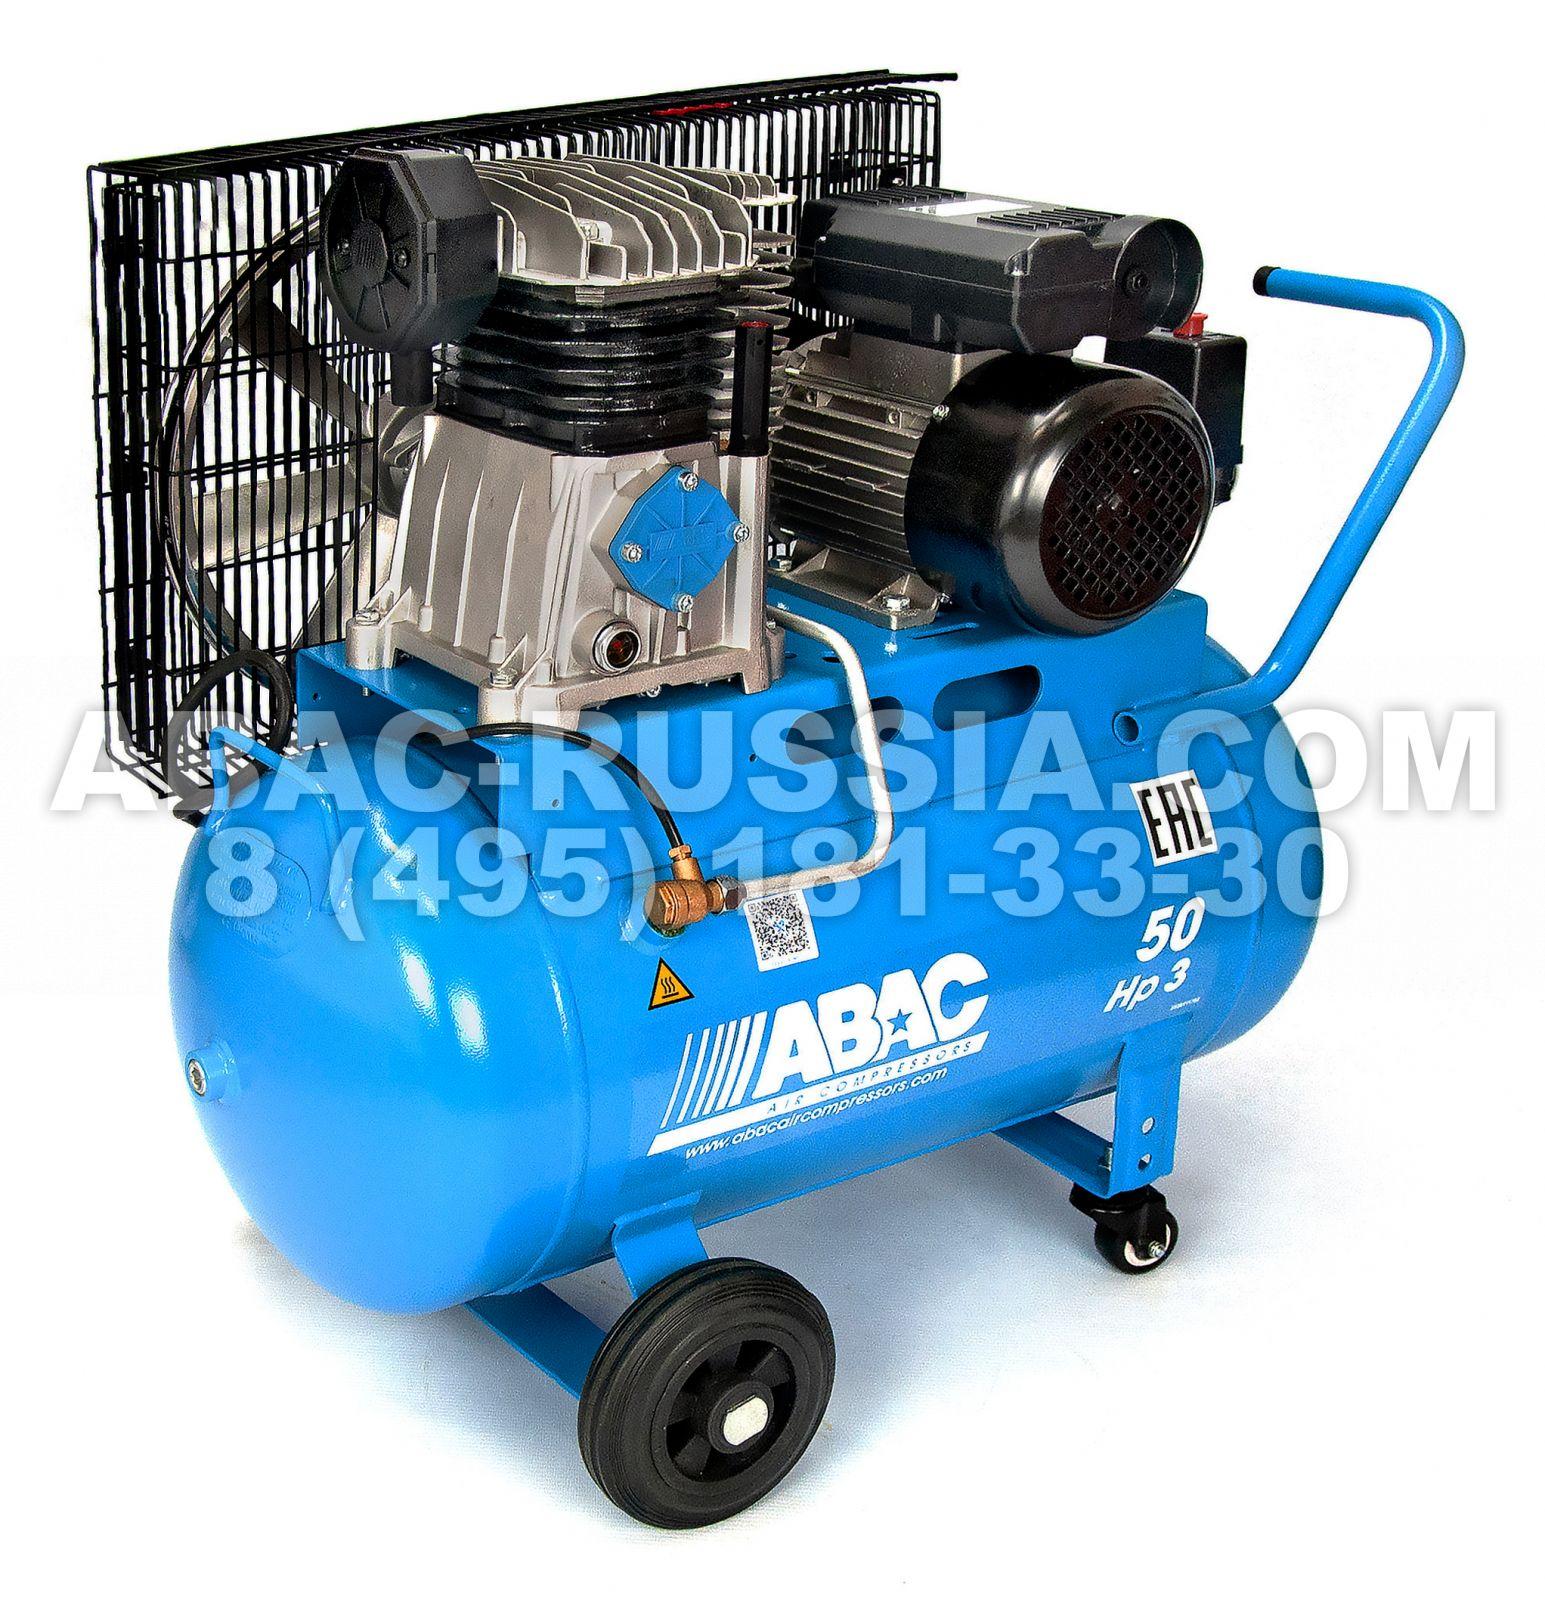 Поршневой компрессор ABAC А29В 50 СМ3 1129740187